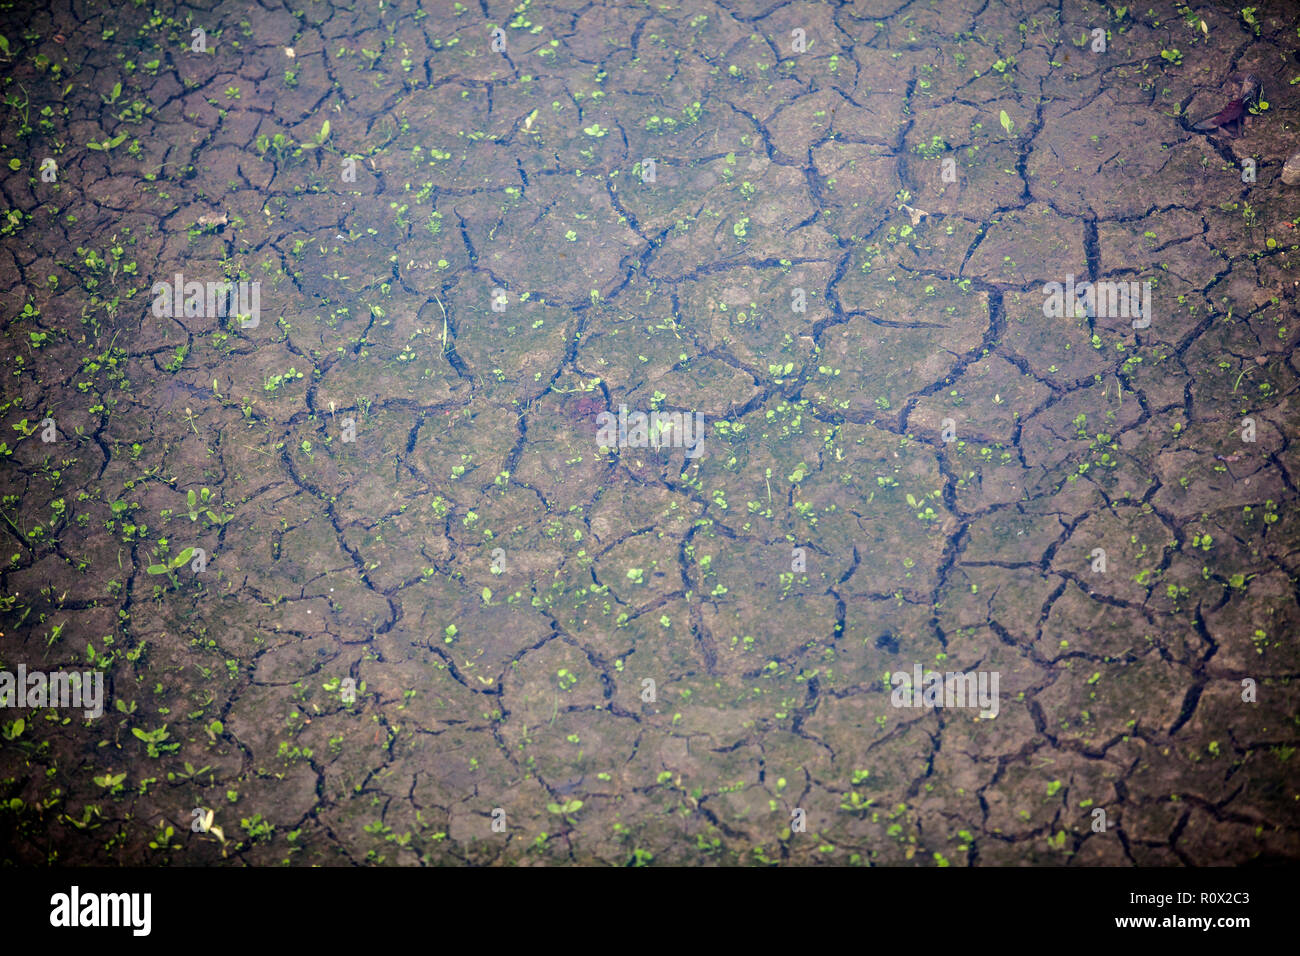 Dürre Riverbed, Bad Karlshafen, obere Wesertal, Weserbergland, Nordrhein-Westfalen, Hessen, Deutschland, Europa Stockbild